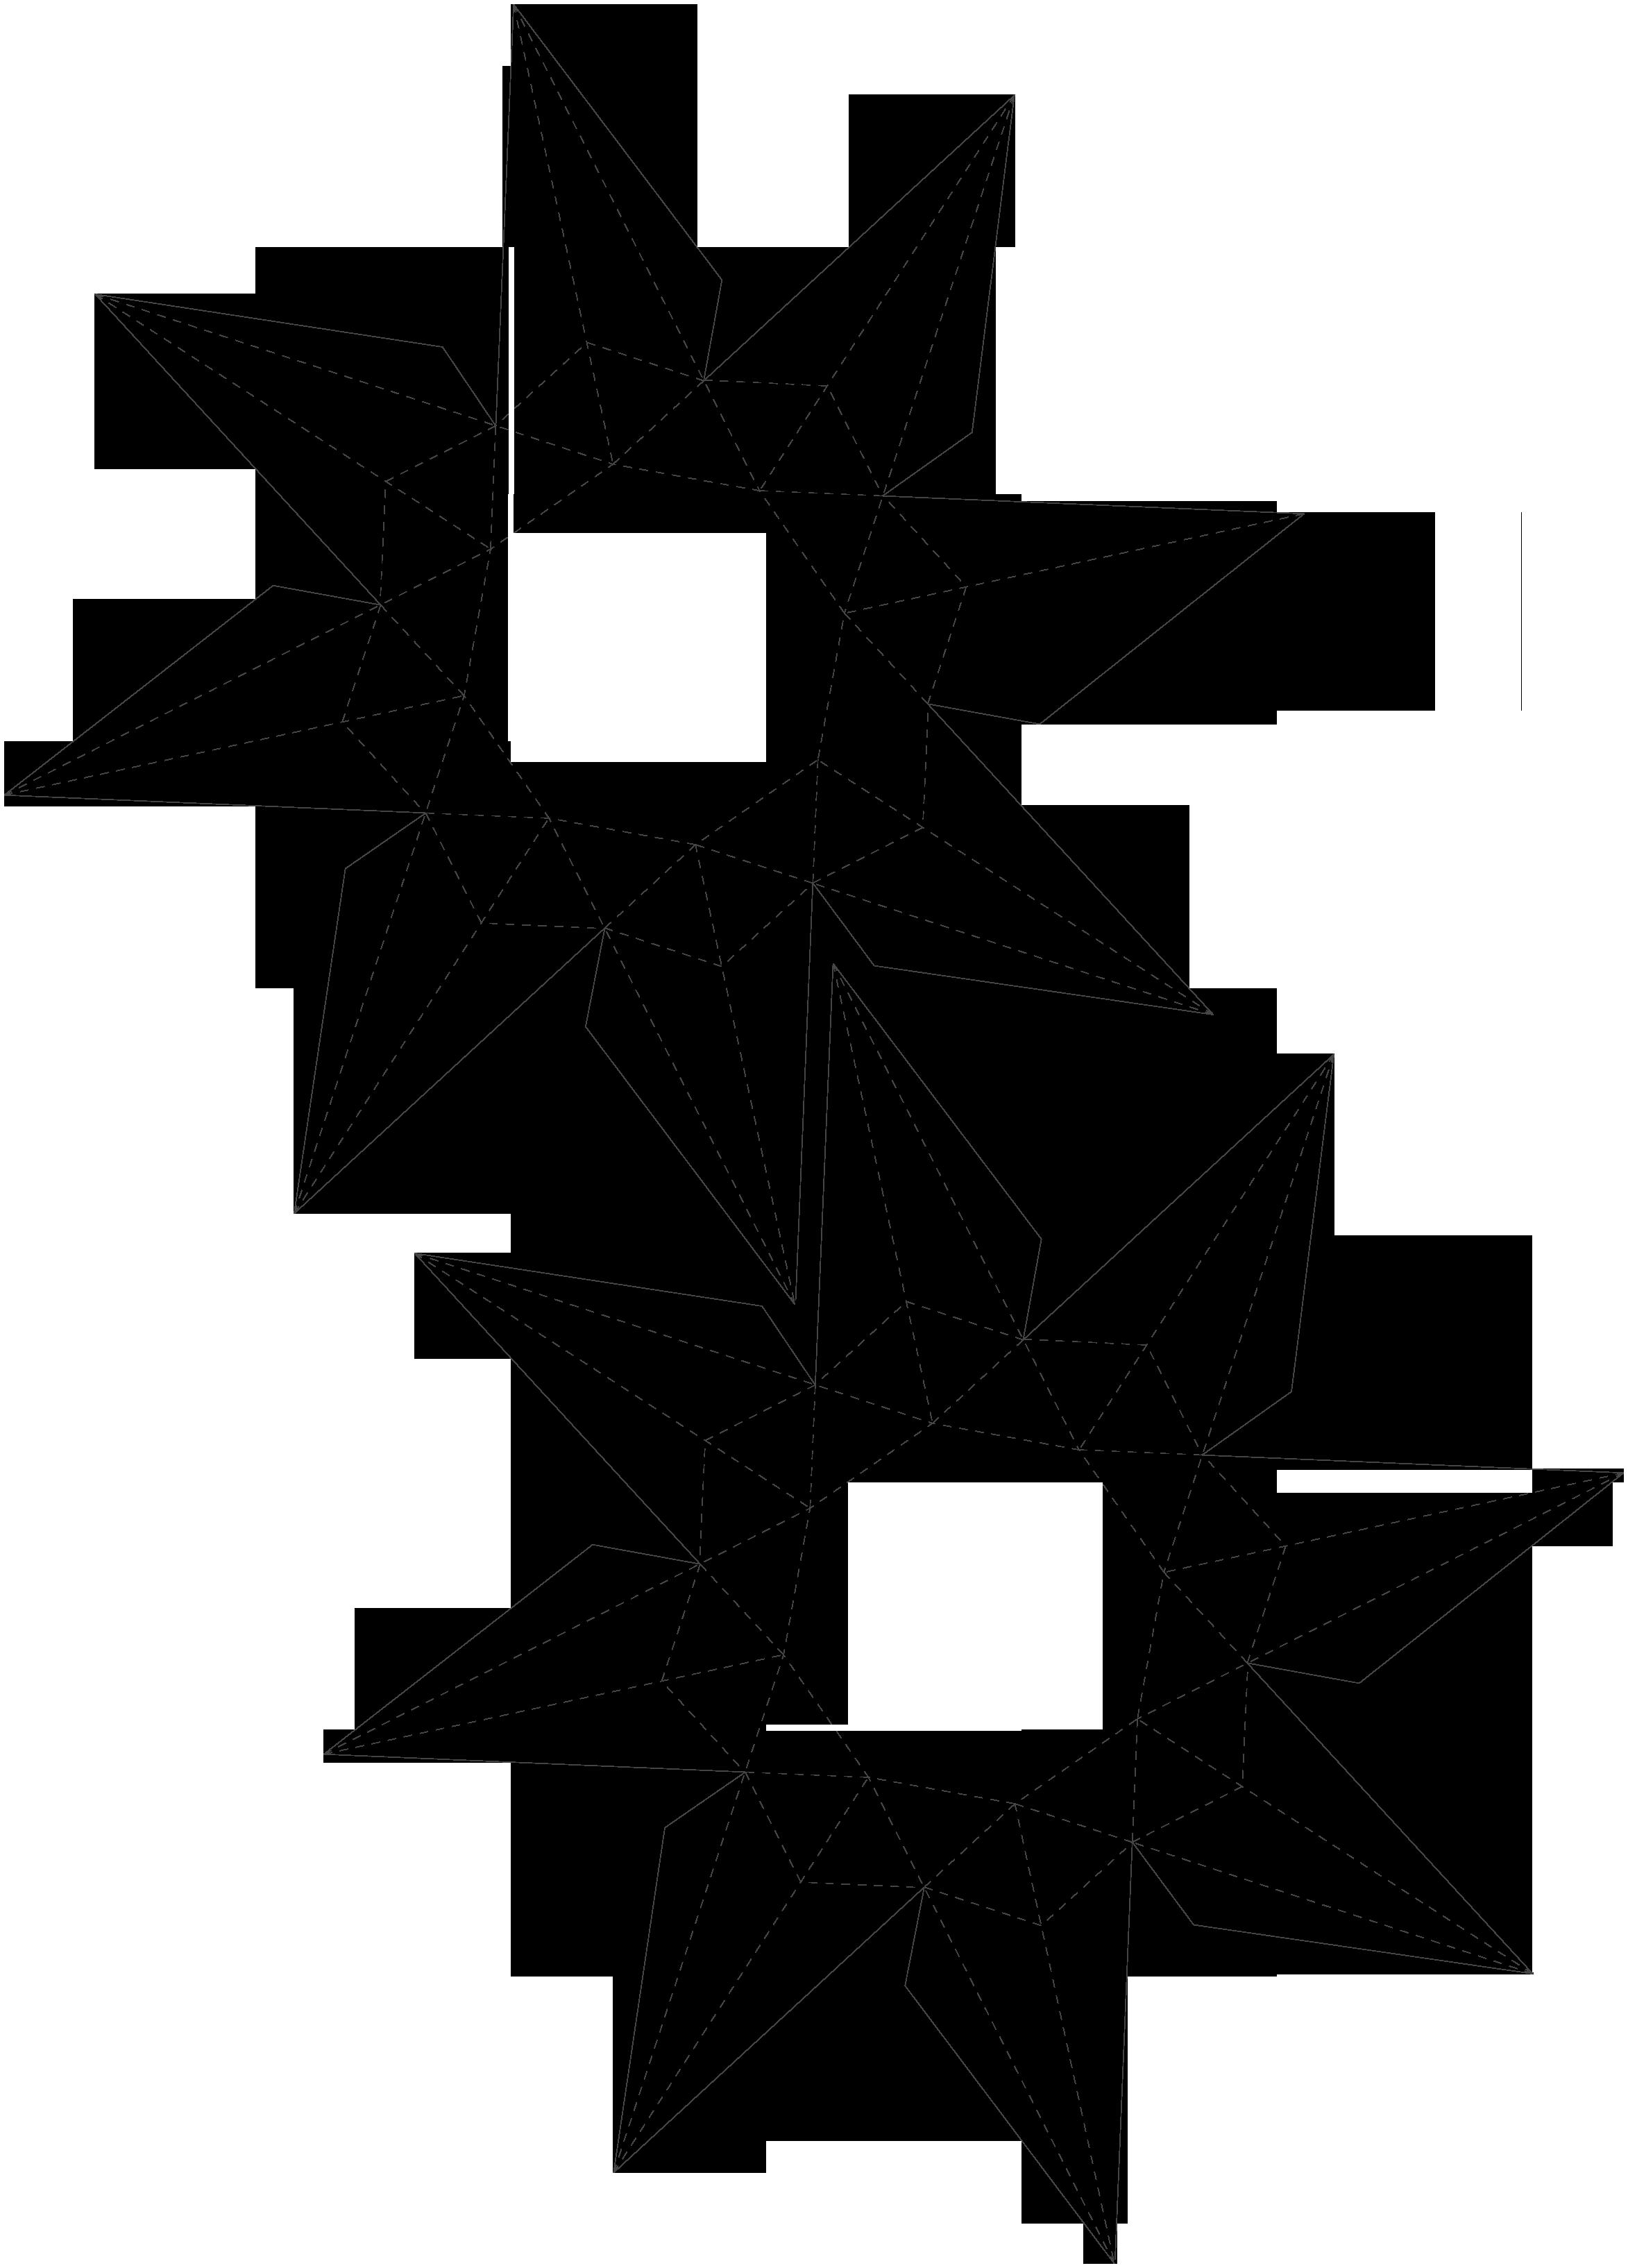 O5v1k.png (2346×3268)